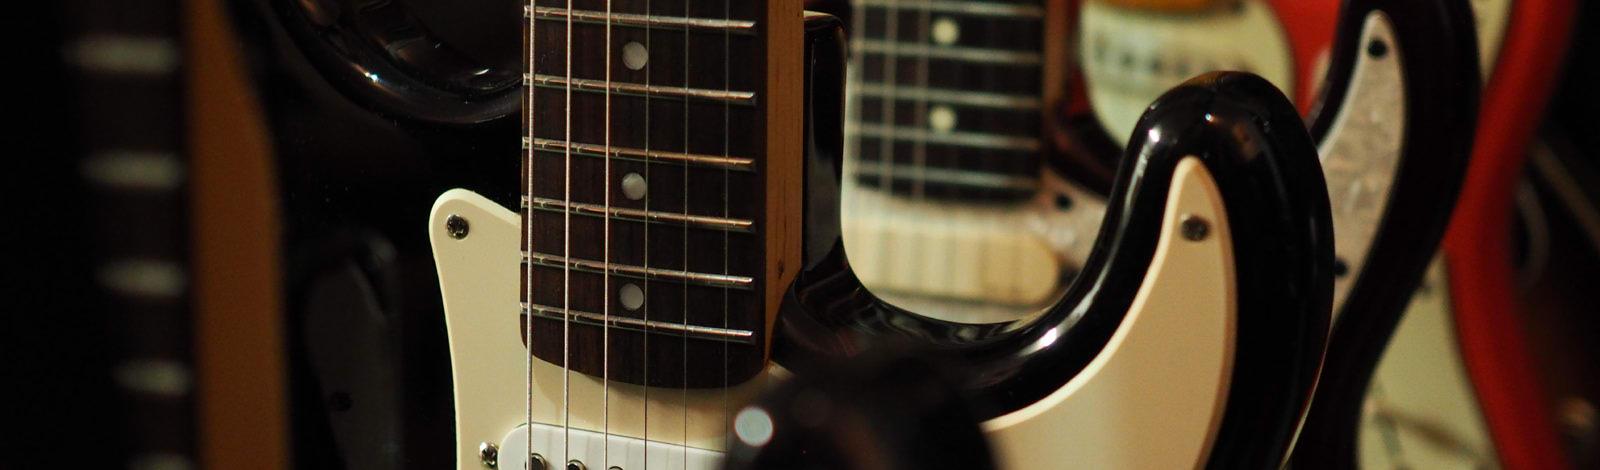 Guitar-rack